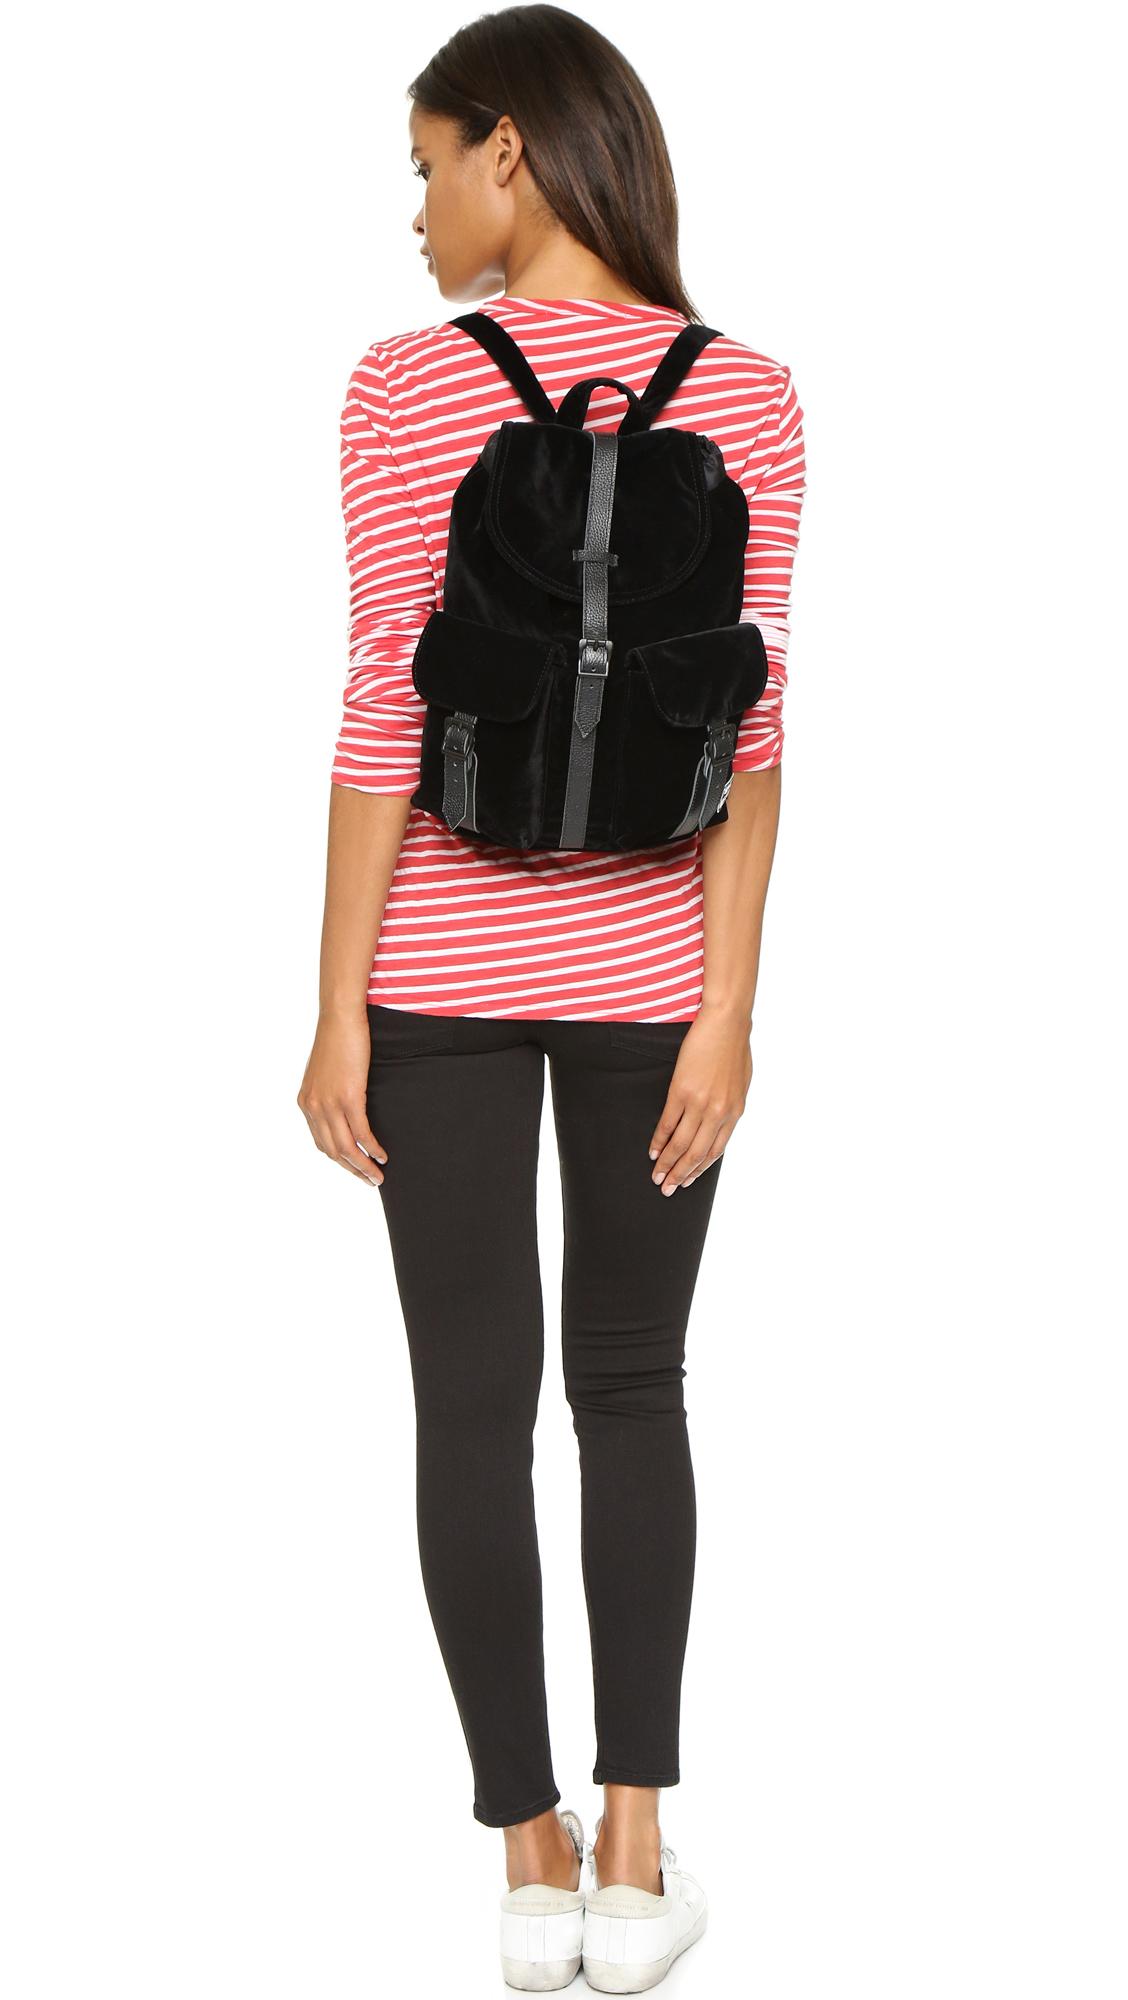 Lyst - Herschel Supply Co. Velvet Dawson Backpack - Black in Black 6937afde4b5be